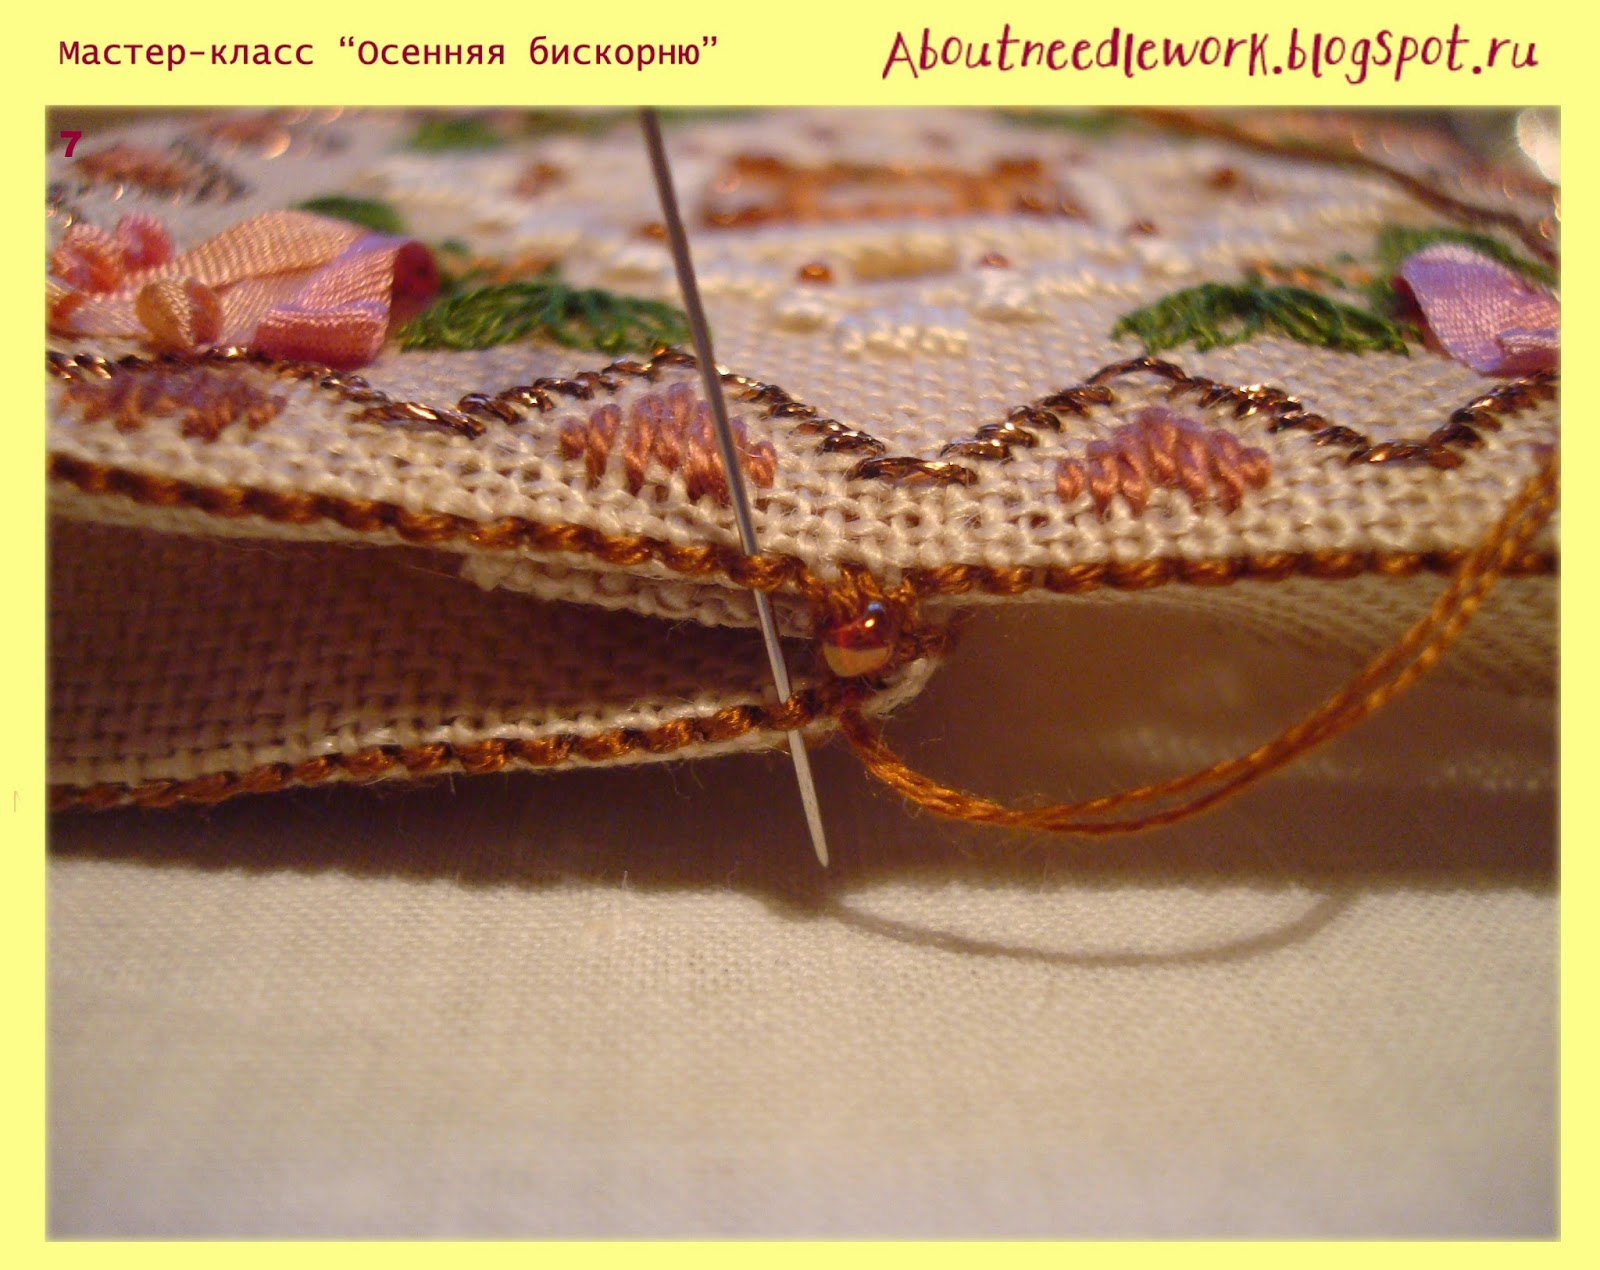 Сшиваем бискорню